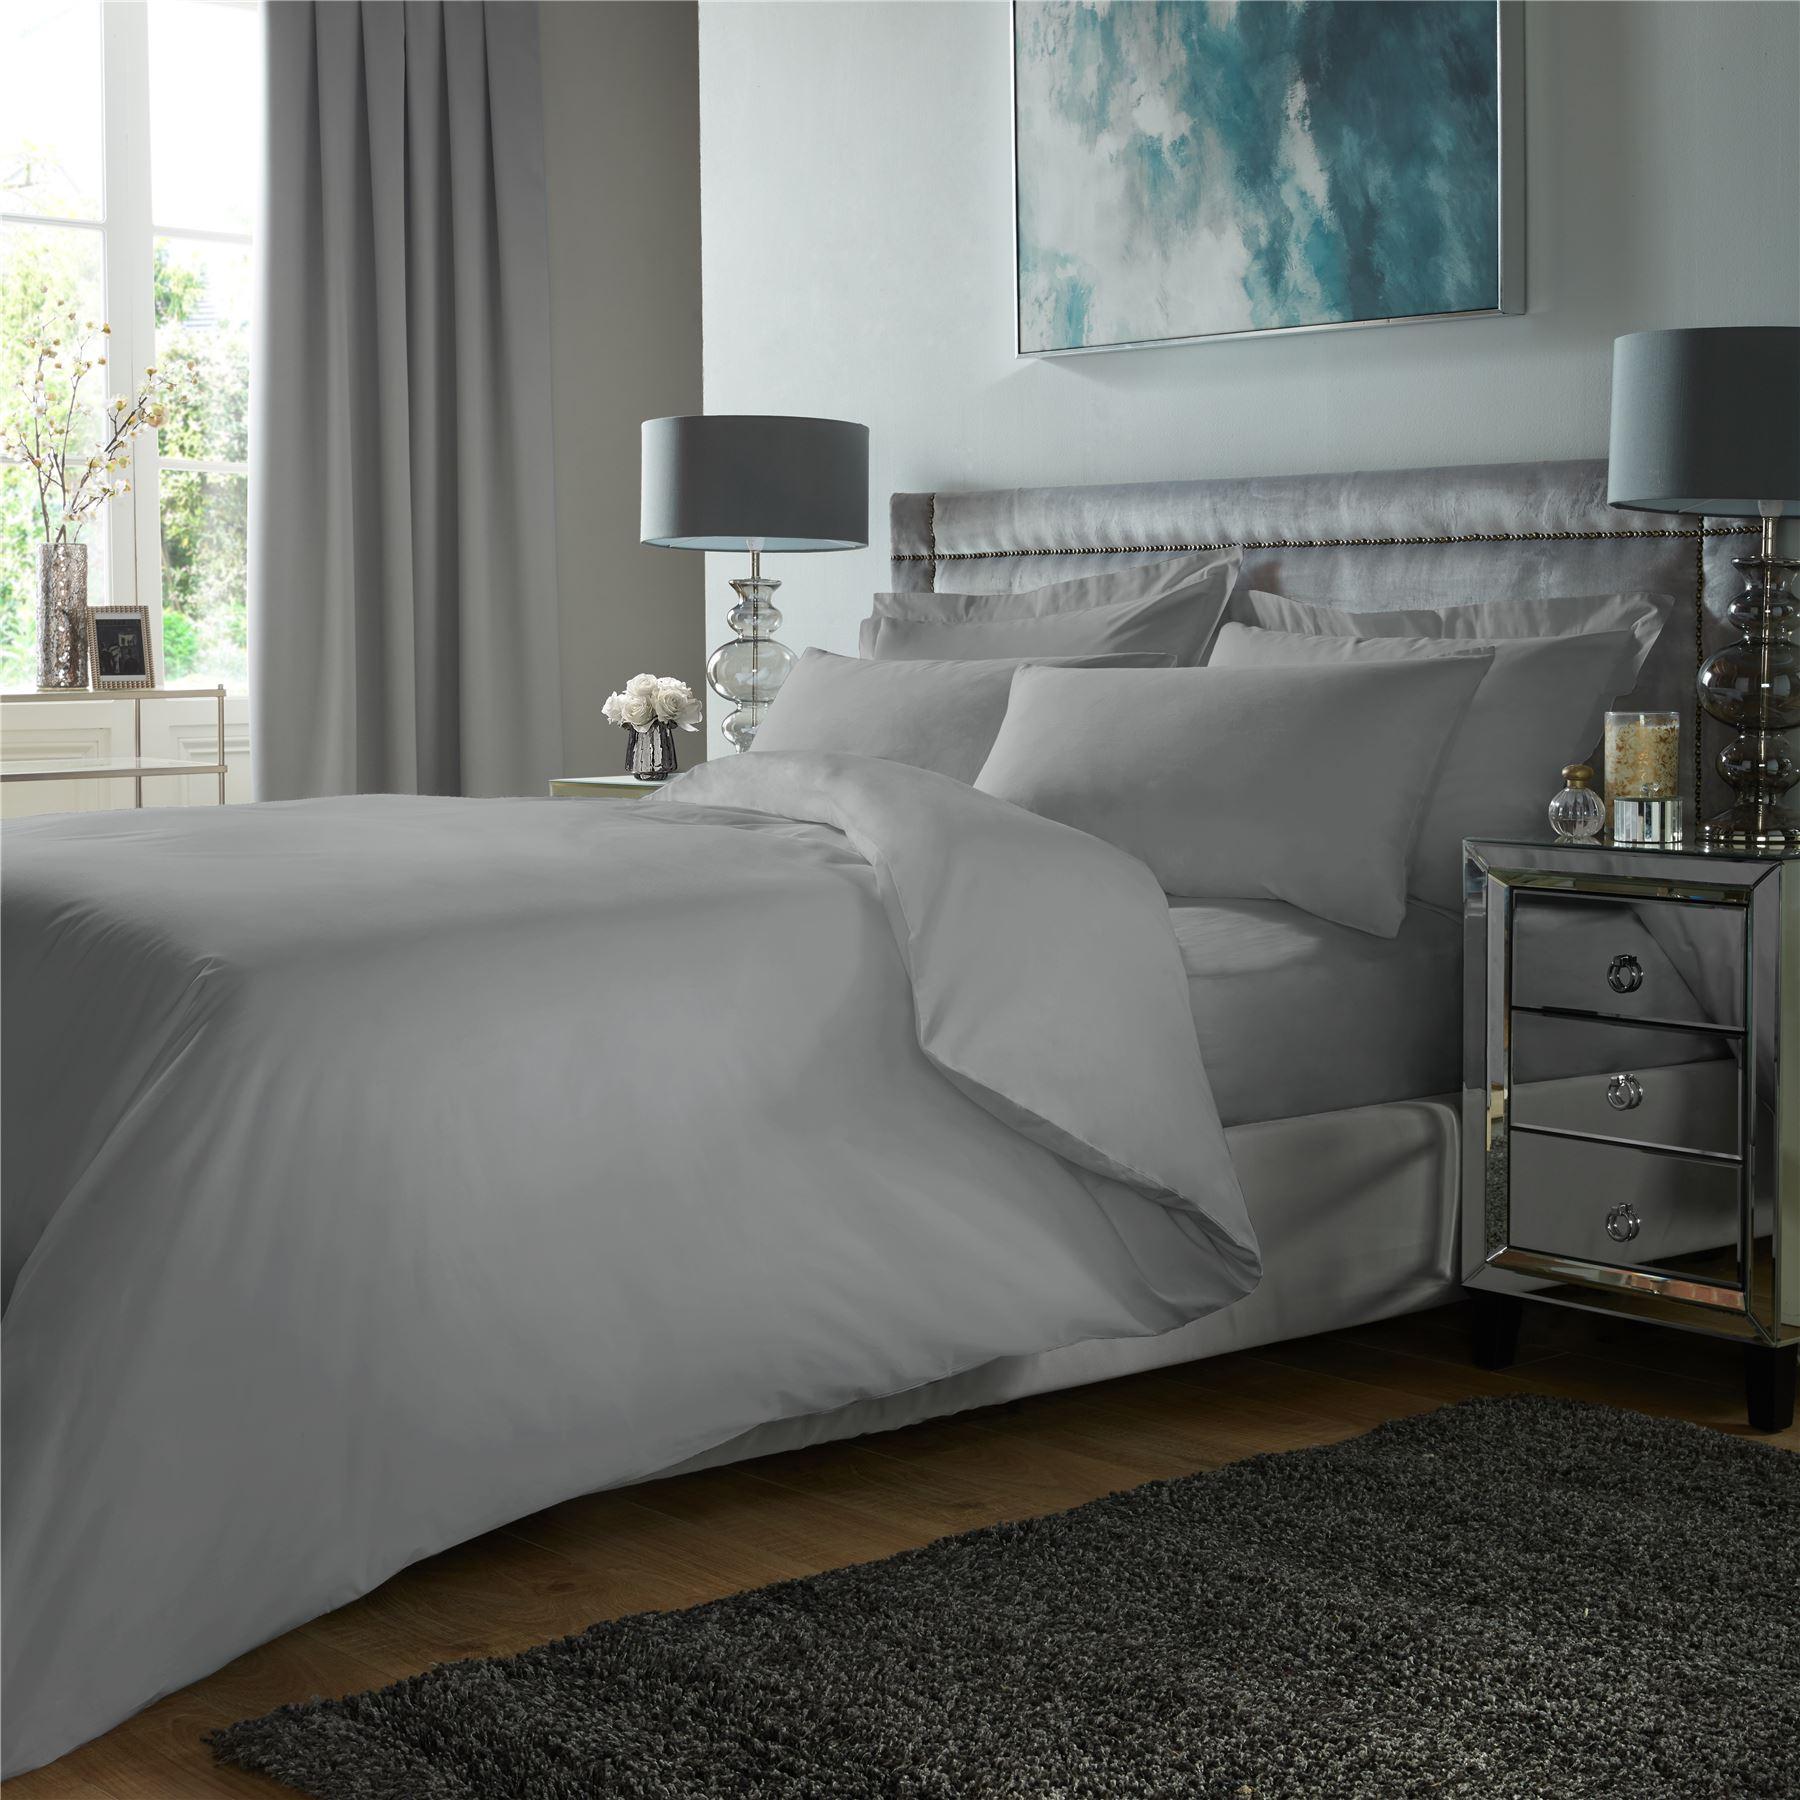 De-Lujo-400TC-conjunto-de-funda-de-edredon-100-Algodon-Egipcio-ropa-de-cama-funda-de-almohada-tenida miniatura 17